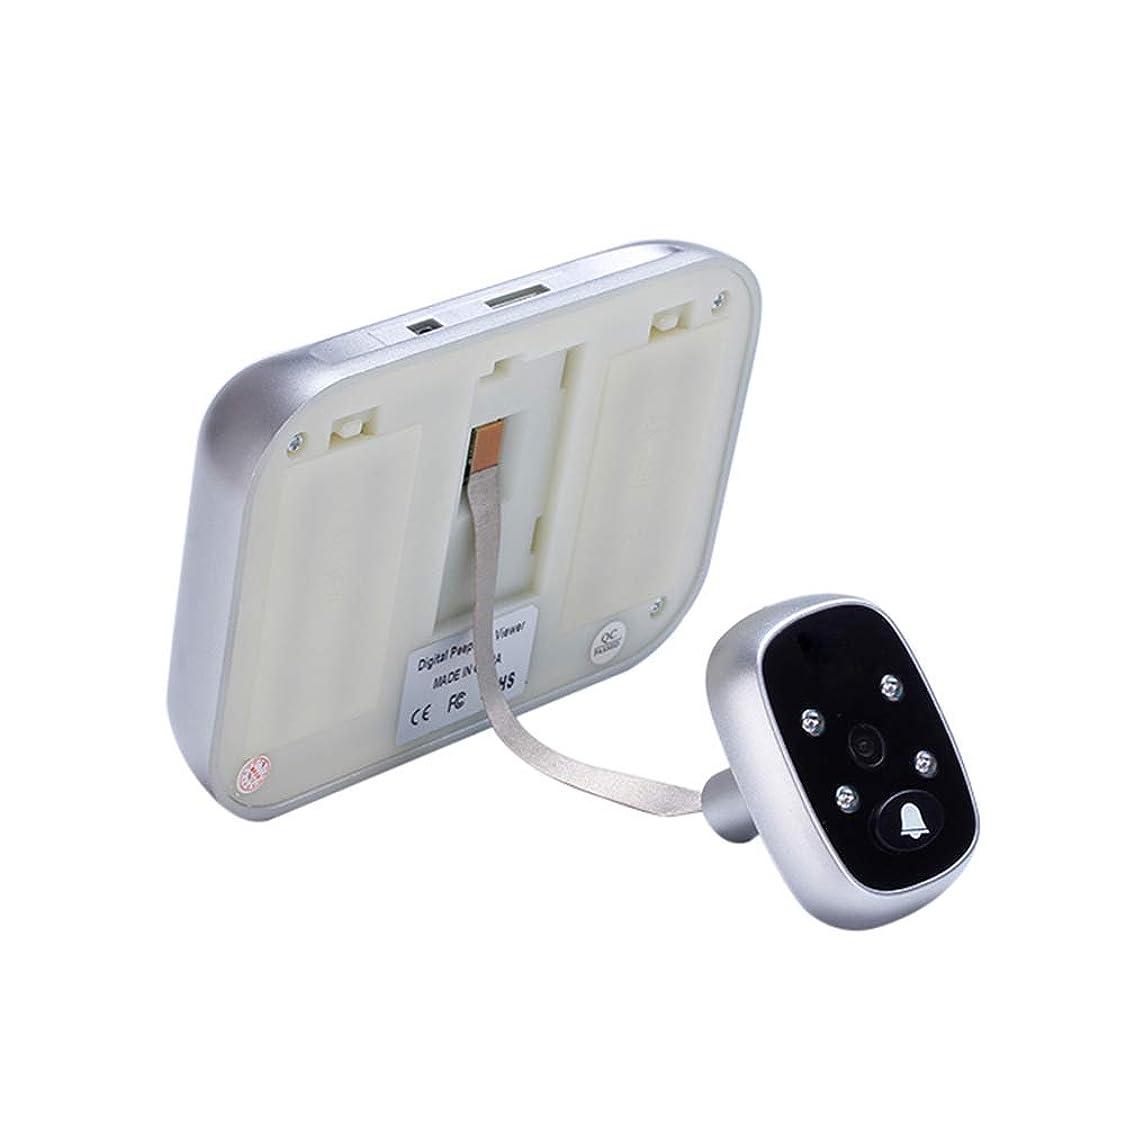 承認水陸両用オズワルド5.0インチTFTカラースクリーンディスプレイホームスマートドアベルセキュリティドアのぞき穴電子キャットアイ